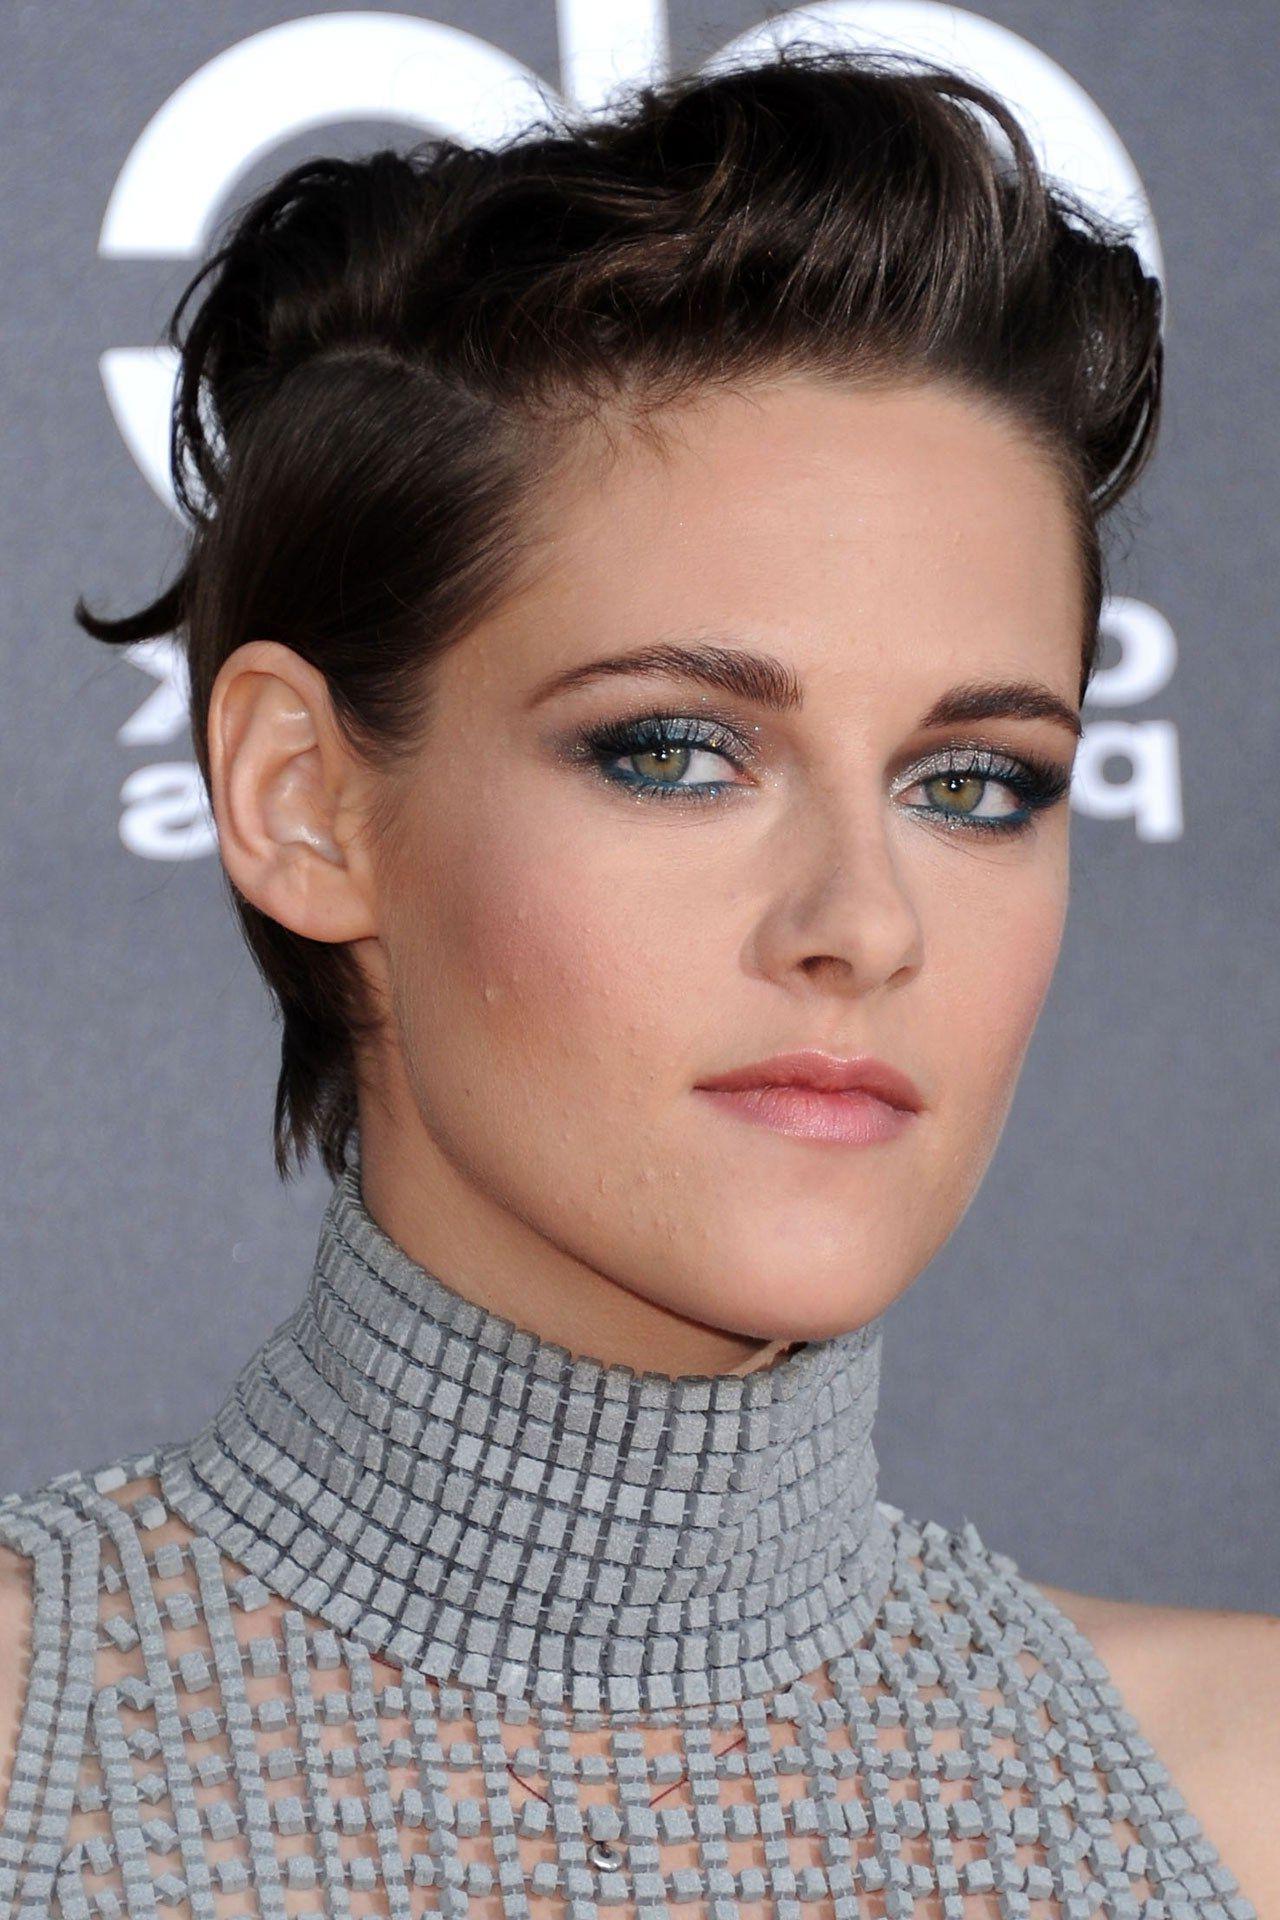 Kristen Stewart's Hair. We're Obsessed (View 14 of 25)